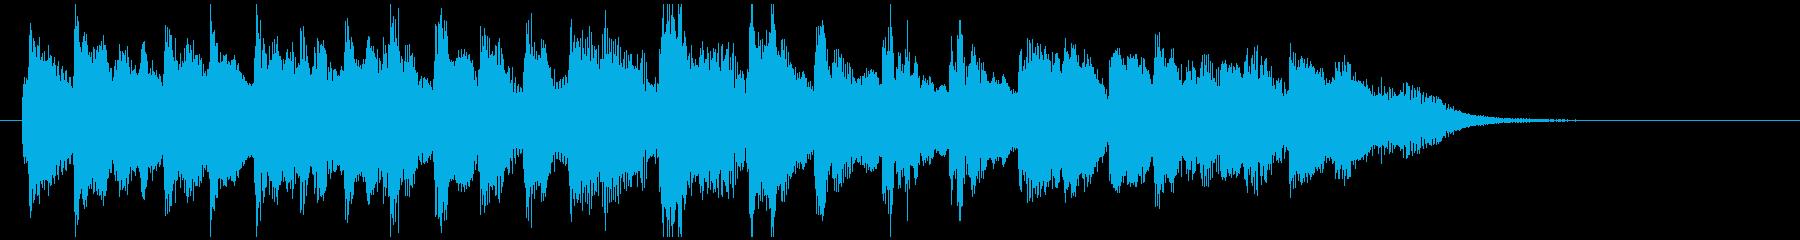 ホンキートンクピアノのジングルの再生済みの波形